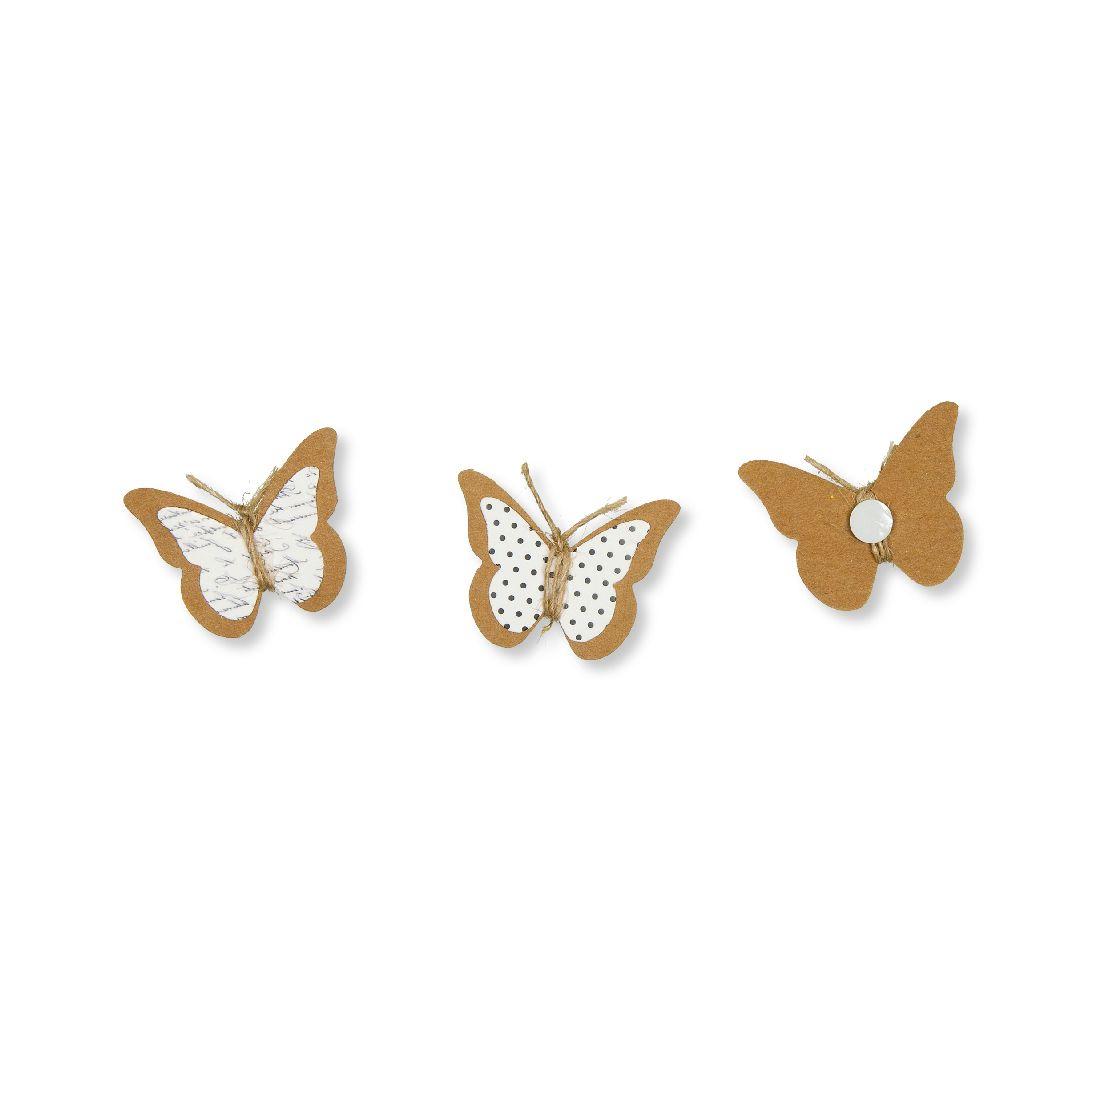 Schmetterling Sticker Klebepad NATUR-WEISS 19665 4,5cm 2-fach sort. aus Papier